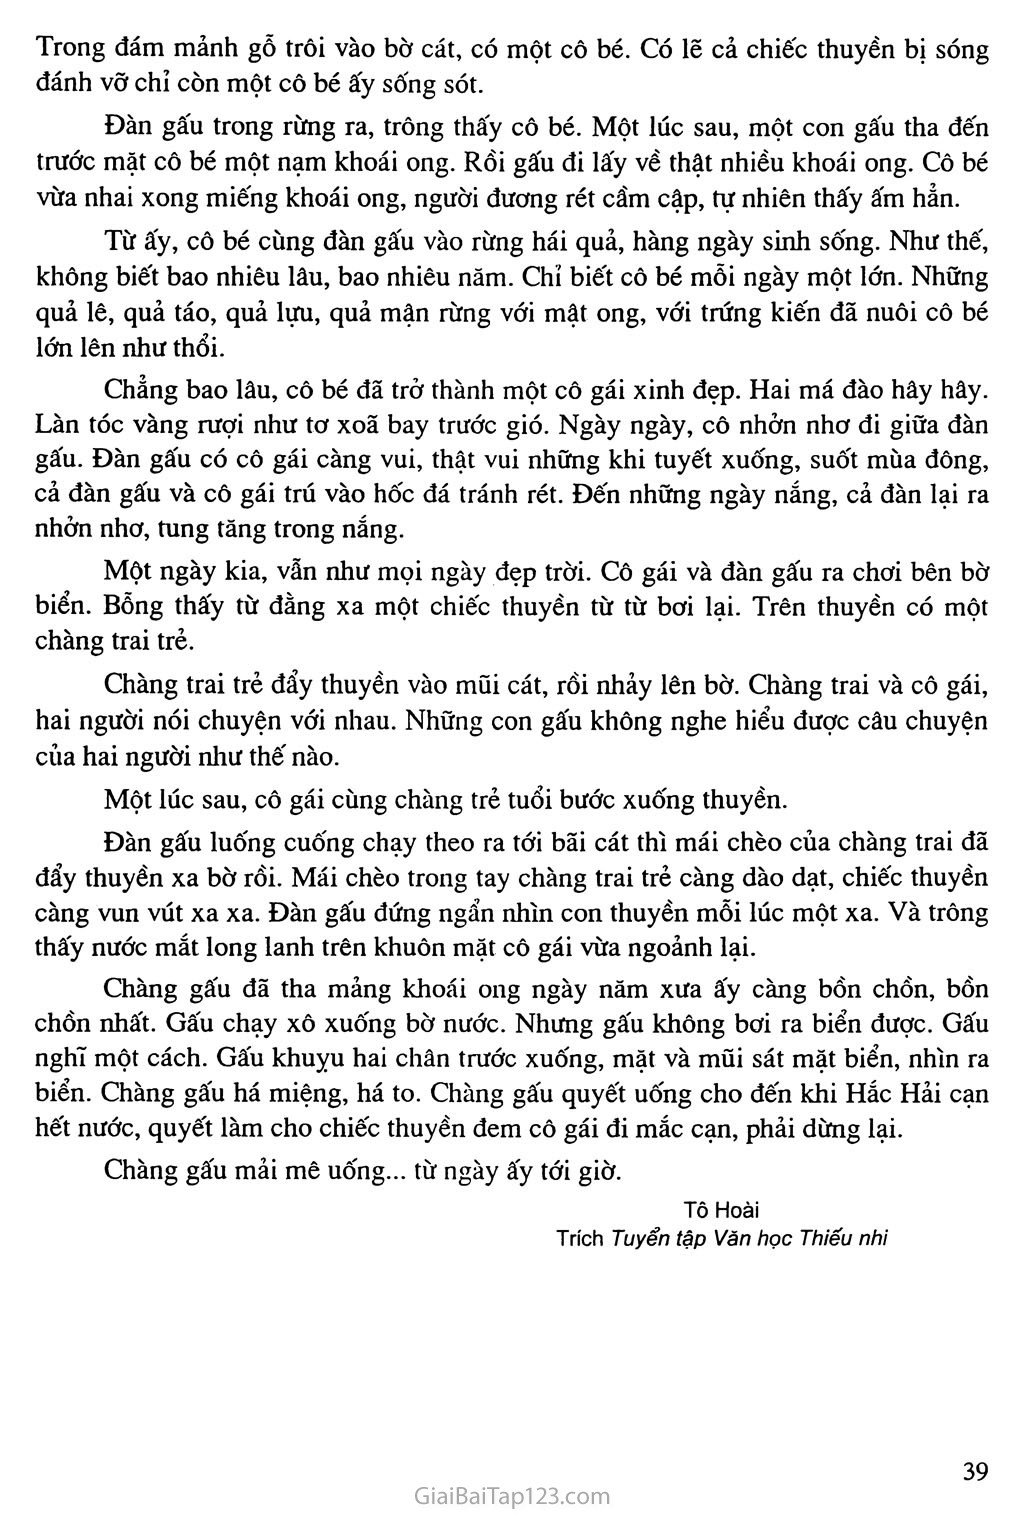 Bài 34: Kể lại một truyện cổ em đã đọc: Núi Gấu trang 2